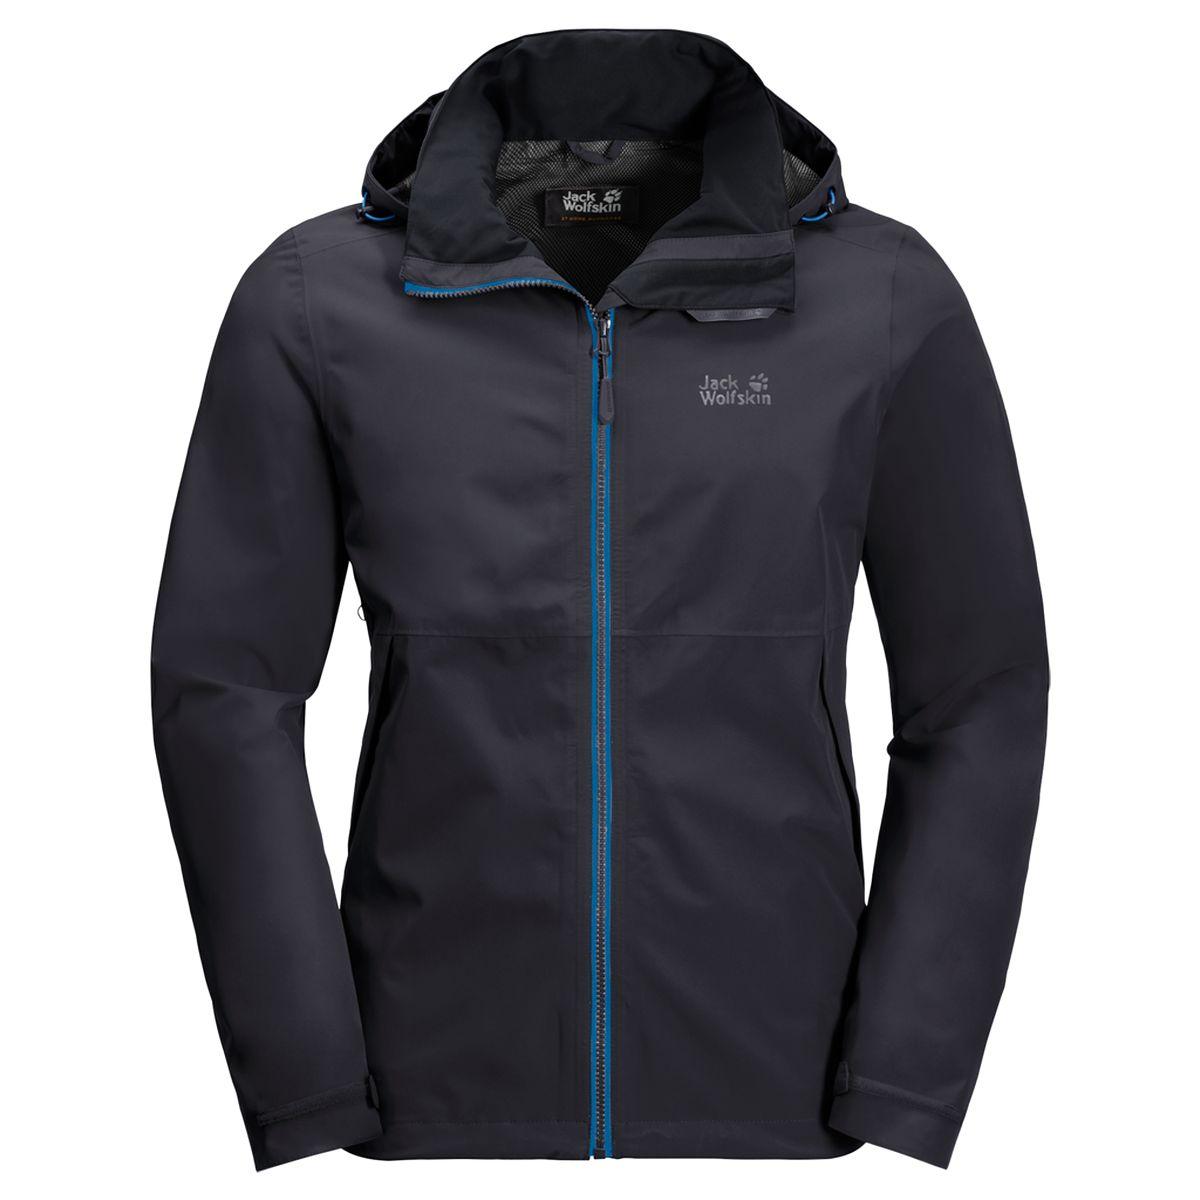 Куртка мужская Jack Wolfskin Evandale Jacket M, цвет: темно-серый. 1111131-6230. Размер XXL (54)1111131-6230Разработана специально для сложных маршрутов. EVANDALE (ЭВАНДЕЙЛ) — это классическая непромокаемая куртка и, к тому же, самая легкая в своем классе. Мы создали эту куртку из очень мягкой и эластичной версии нашей ткани TEXAPORE (ТЕКСАПОР). Она не позволит вам промокнуть даже в самый безжалостный дождь. А еще она превосходно дышит, поэтому вы будете чувствовать себя свежими и бодрыми весь день. Для любителей простоты и функциональности. Капюшон, к примеру, можно убрать в воротник куртки, если нет дождя.